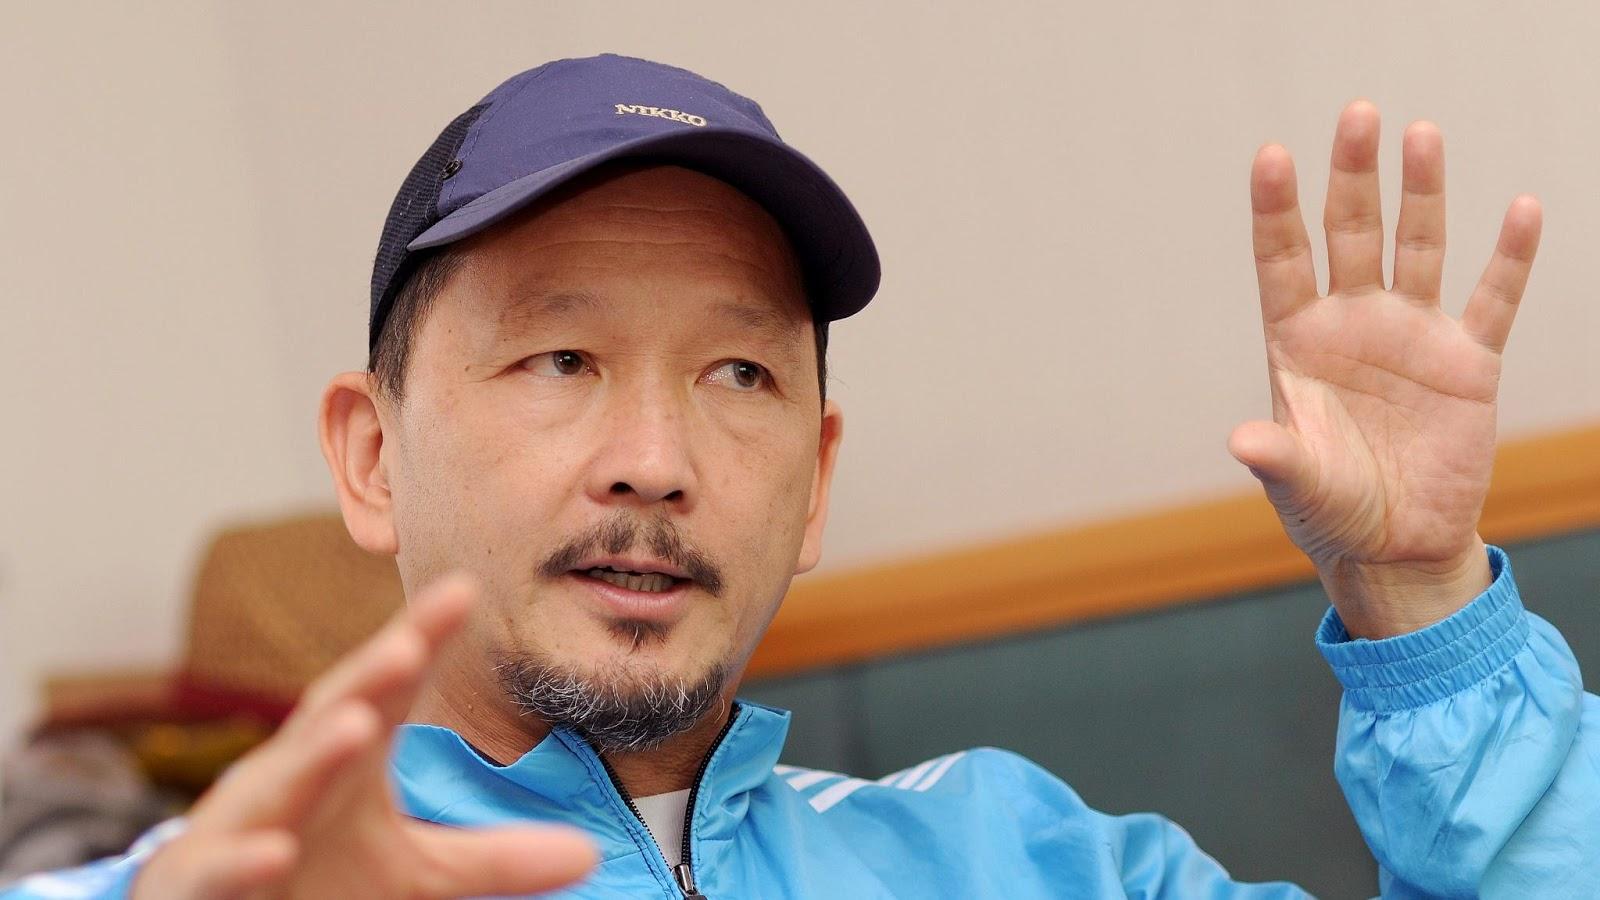 25 năm vàng son cùng TVB trước khi qua đời của Công Tôn Sách Liêu Khải Trí: Nổi danh nhờ vai phụ, chật vật sau khi dứt áo ra đi-5